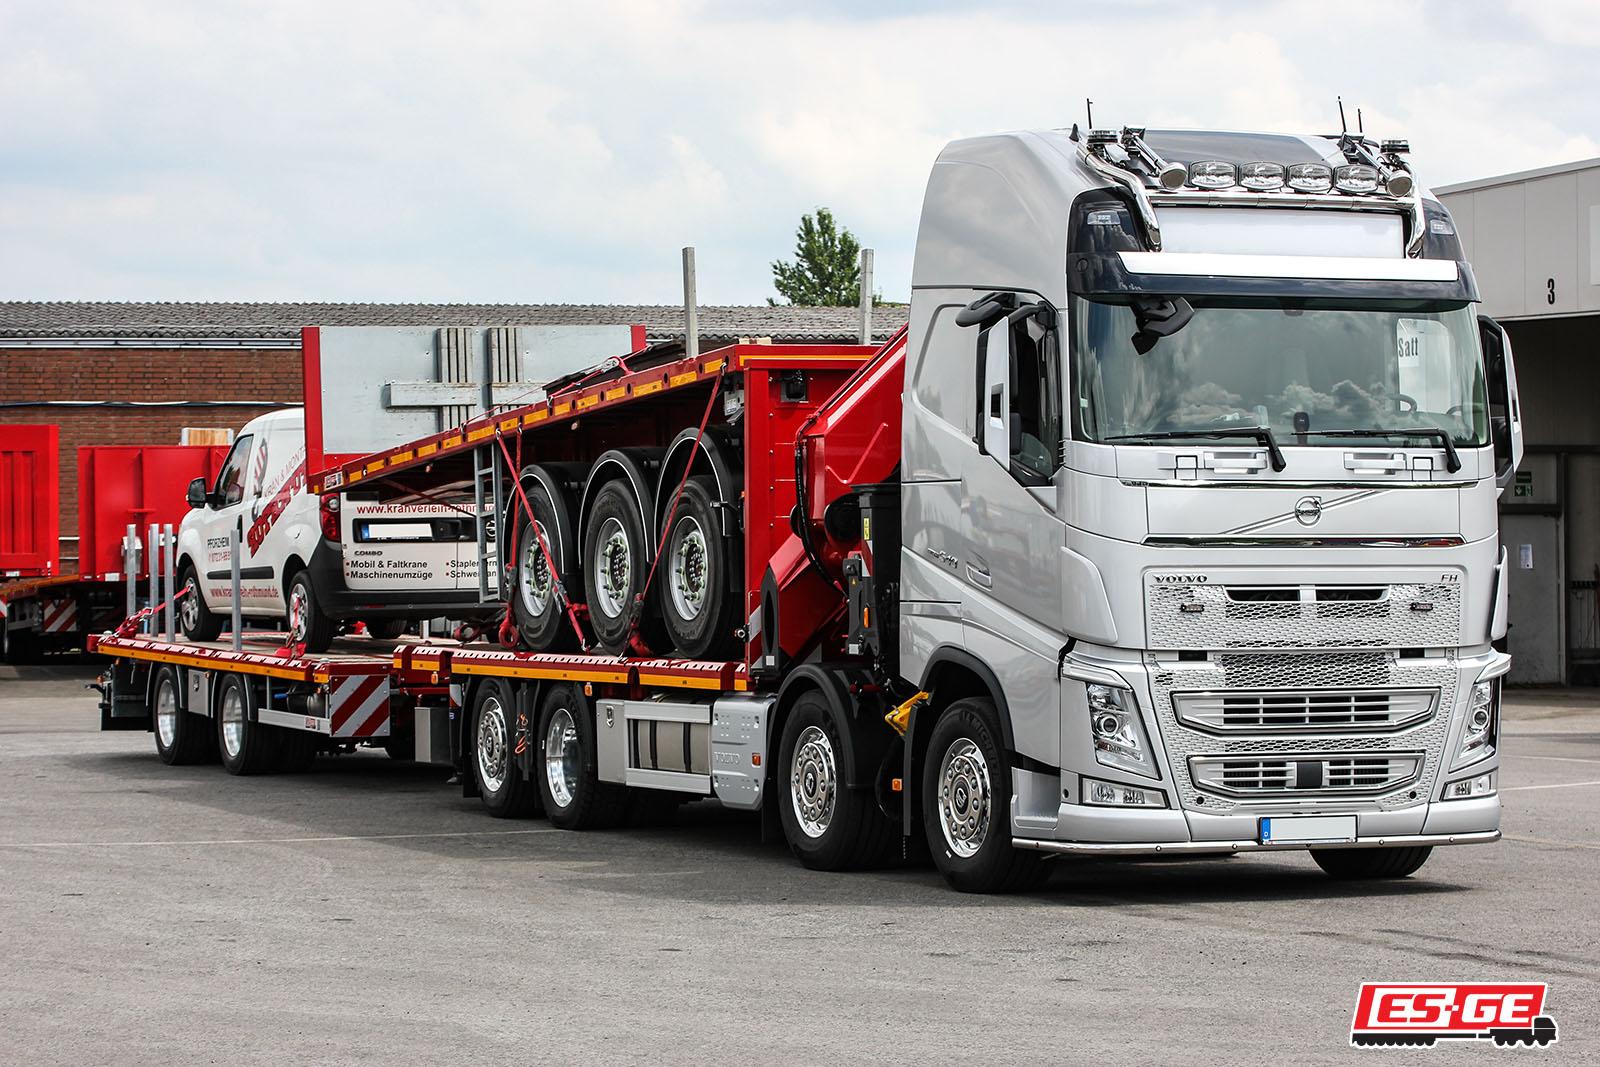 Referenzen-ES-GE-Rothmund-Volvo-LKW-MKG-Ladekran-ES-GE-Anhänger5